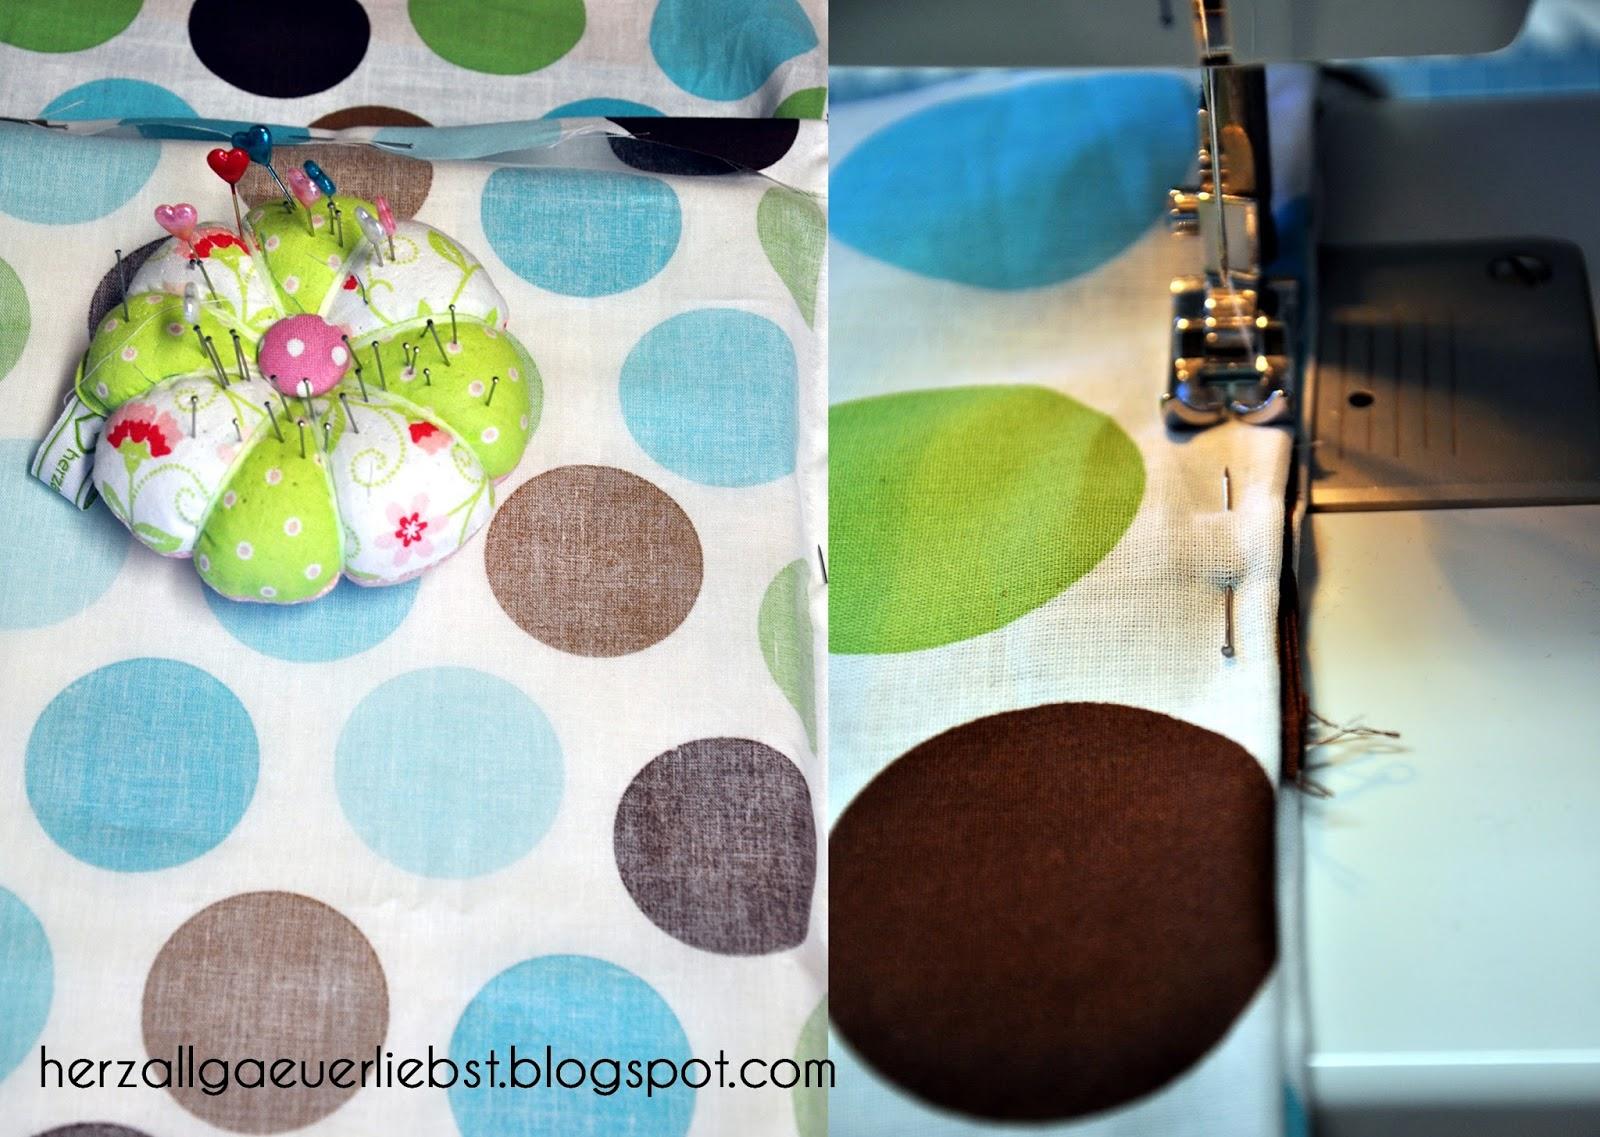 wandkissen wandkissen von jakoo wandkissen kunstleder schwarz wandkissen gepolstert aus. Black Bedroom Furniture Sets. Home Design Ideas